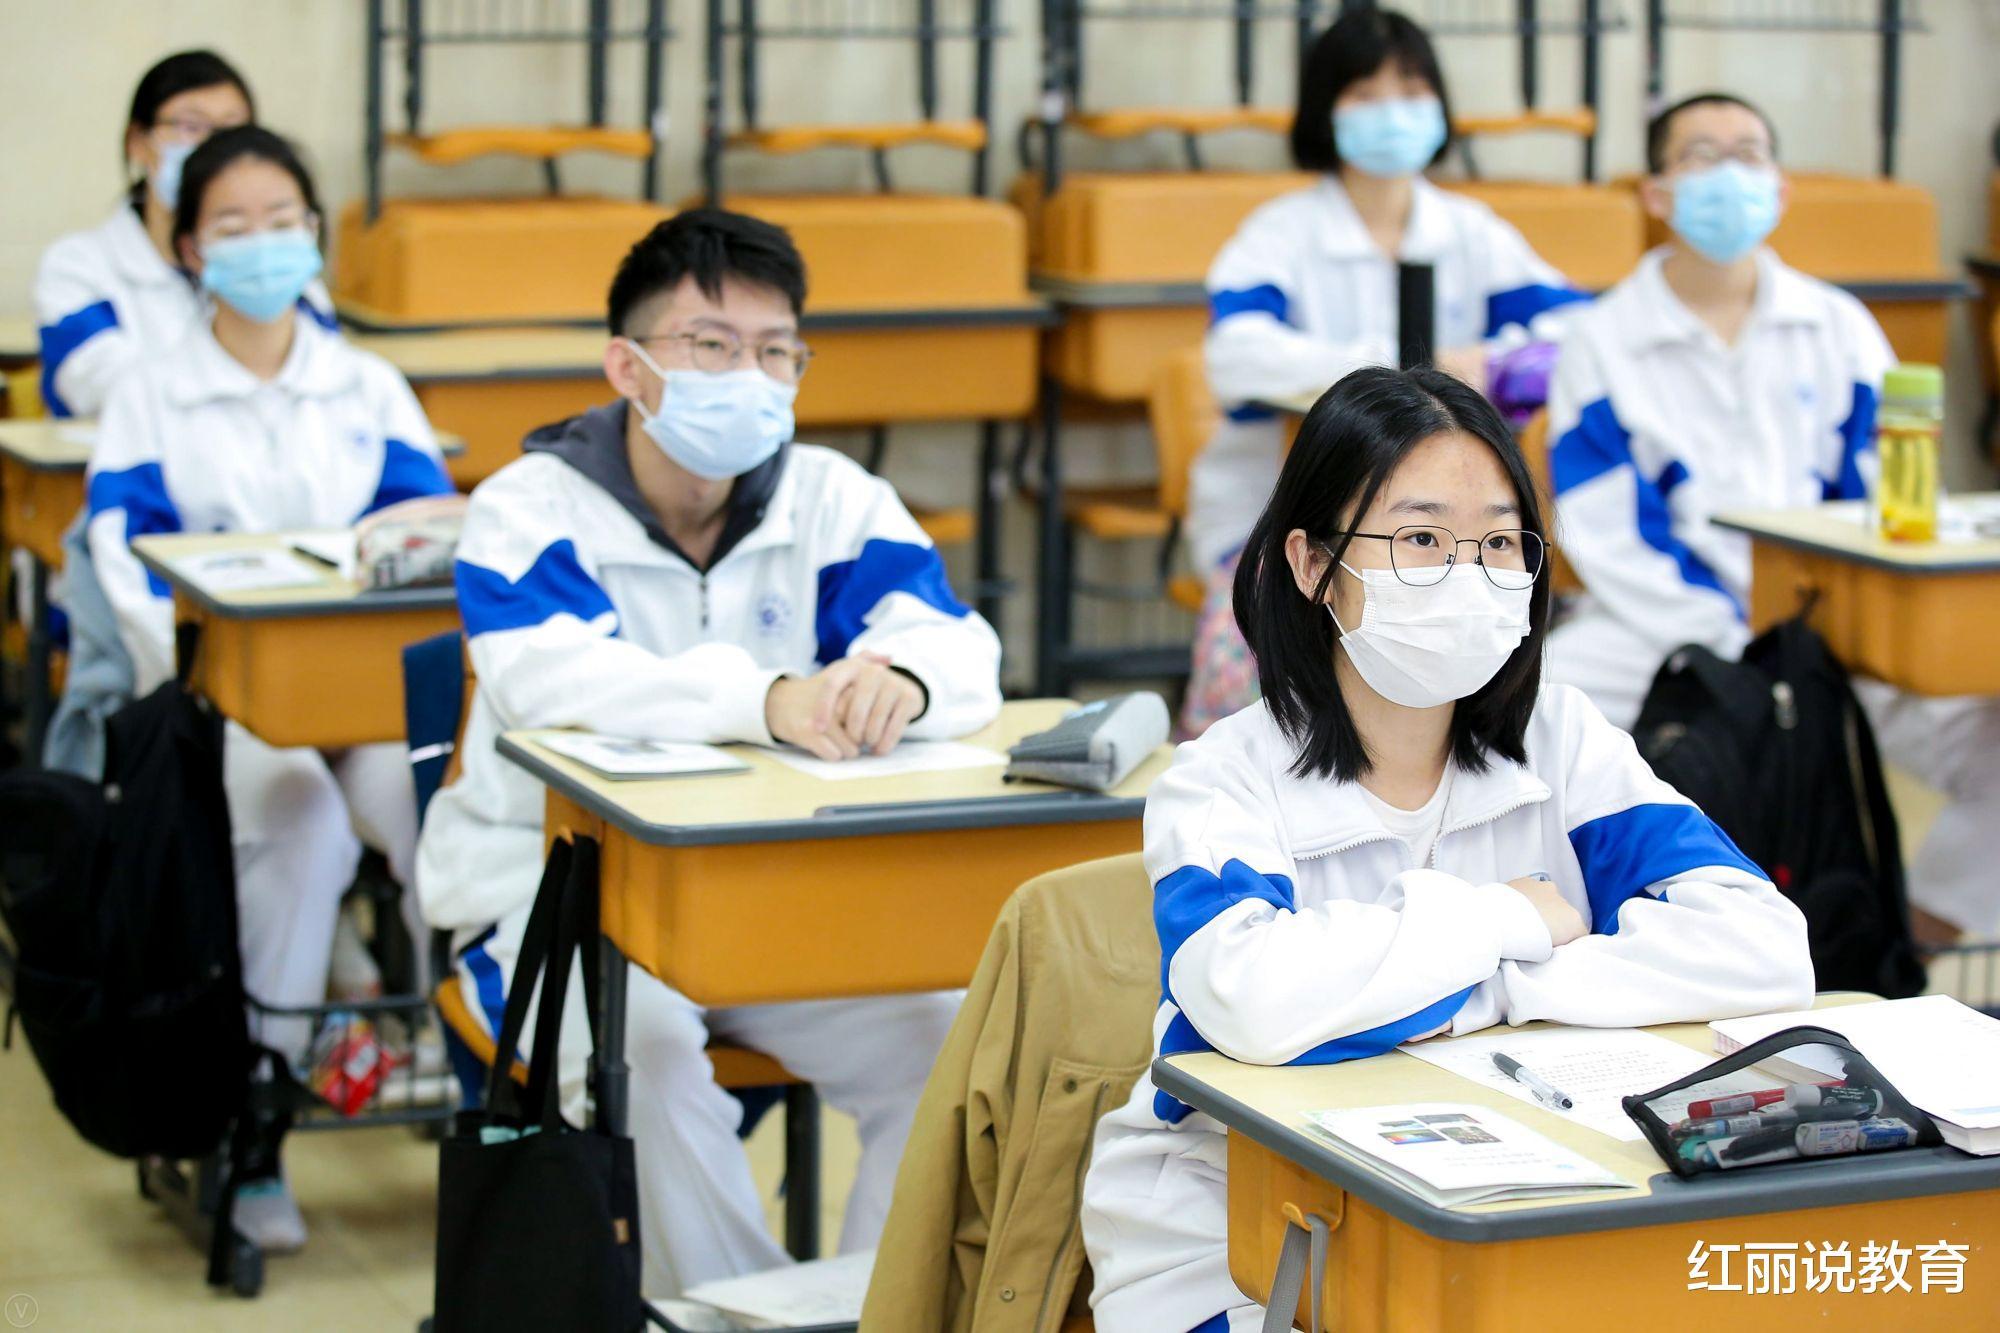 为何高考永远都是先考语文?九成学生不清楚,2021年考生需要了解